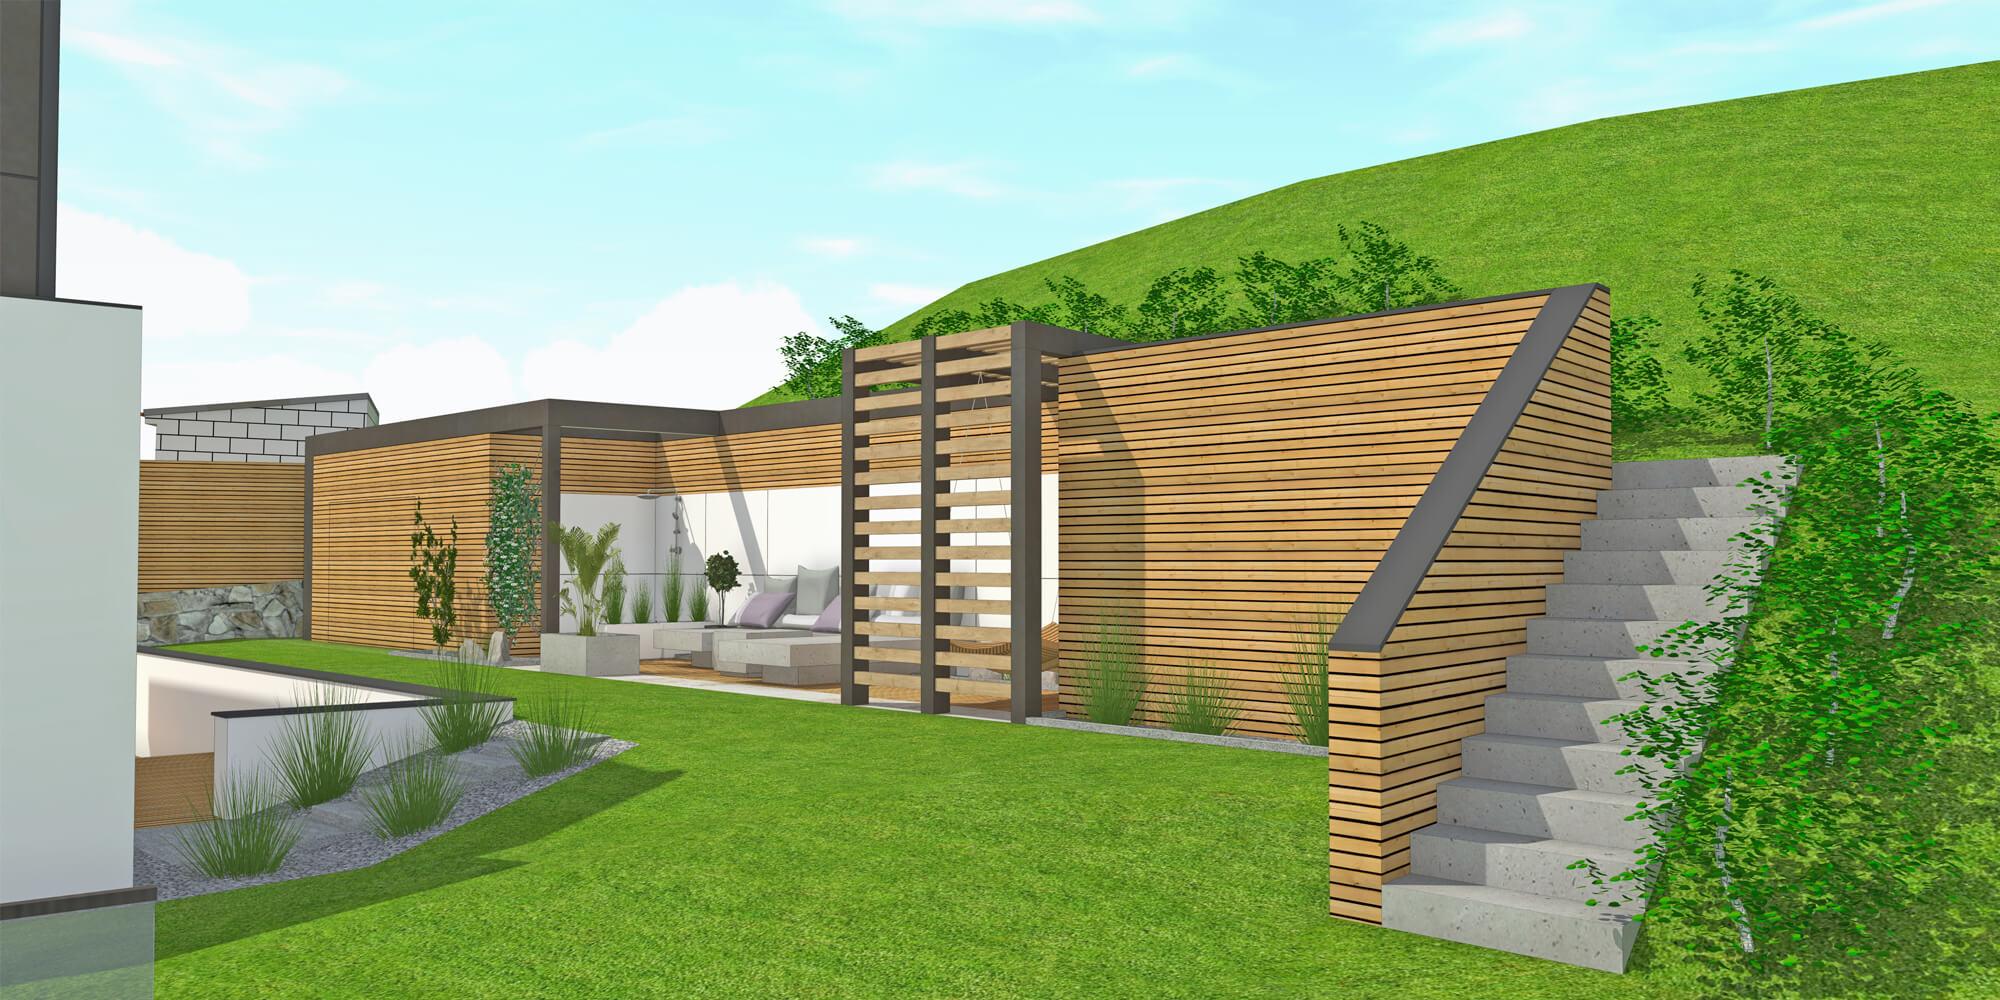 Cre-Plan-Design-Rauch-Frühmann-Architektur-Innenarchitektur-Design-Projekt-Referenz-Rund-ums-Haus-Gartenlounge-3